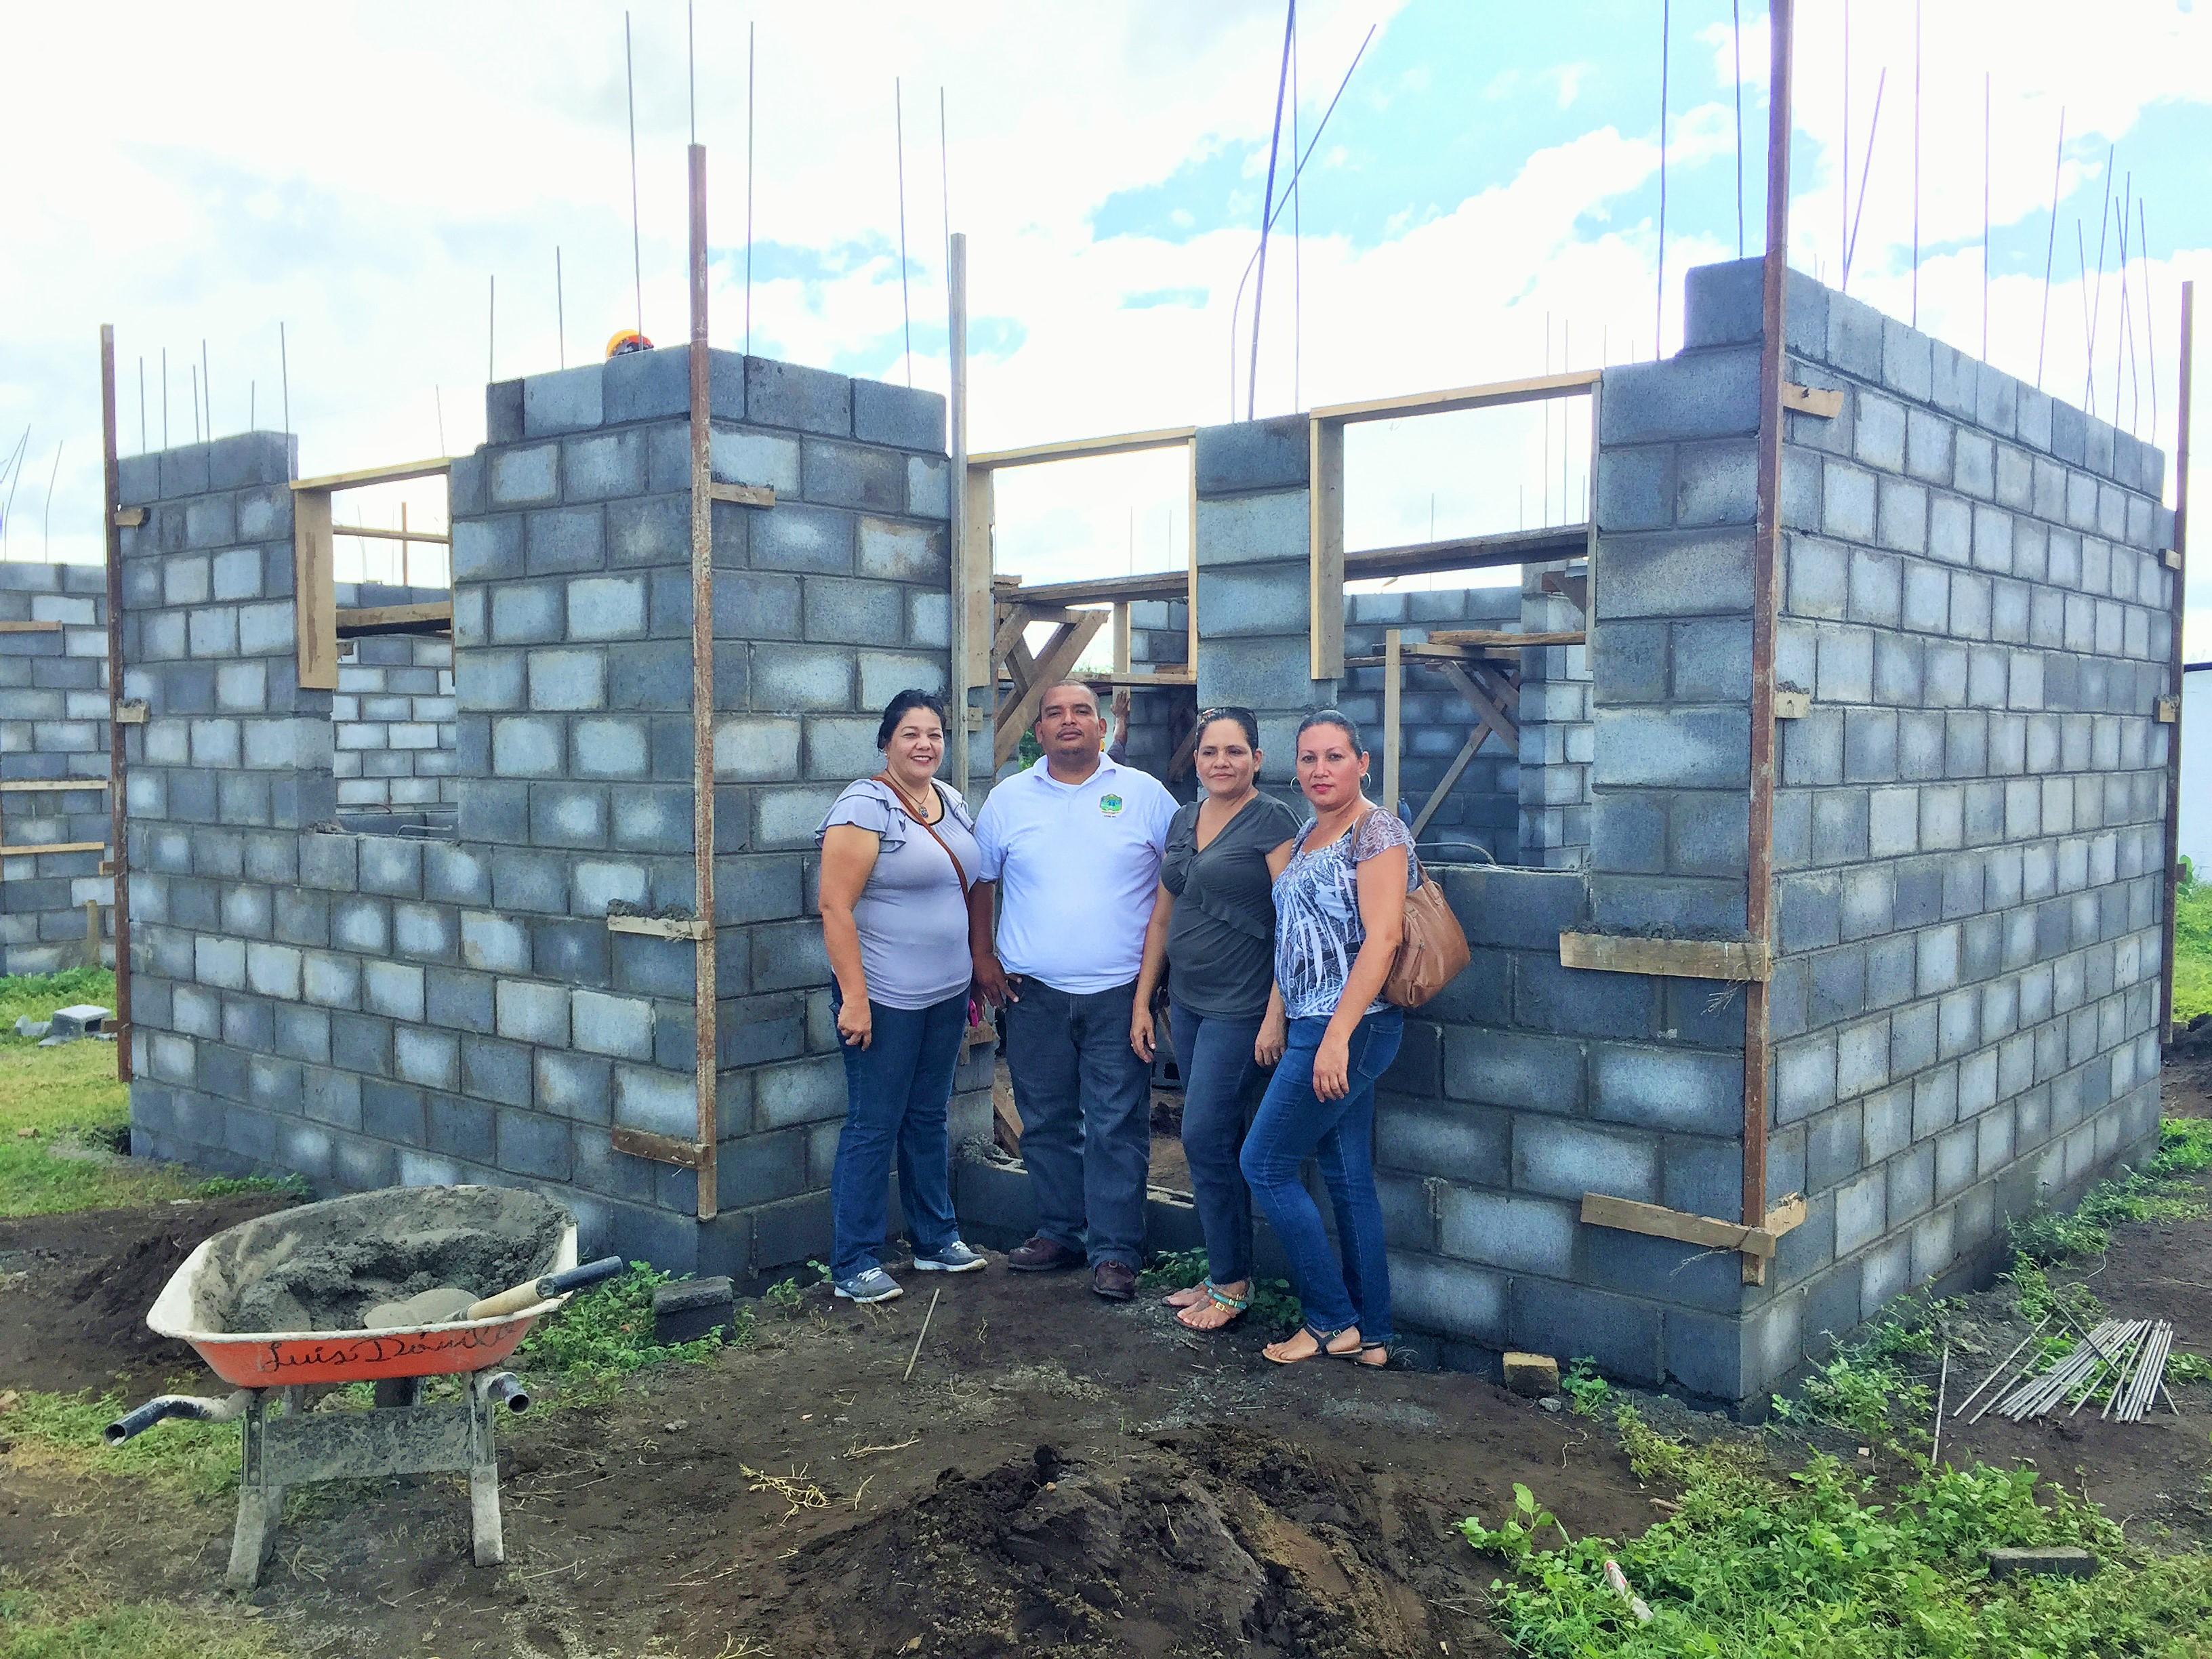 De gauche à droite: Faniz Jirón, responsable de CENCOVICOD, Benito, Adela et Emma, coopérativistes de Manos Amigos, devant la maison en cours de construction de Benito. [M. Lutz]